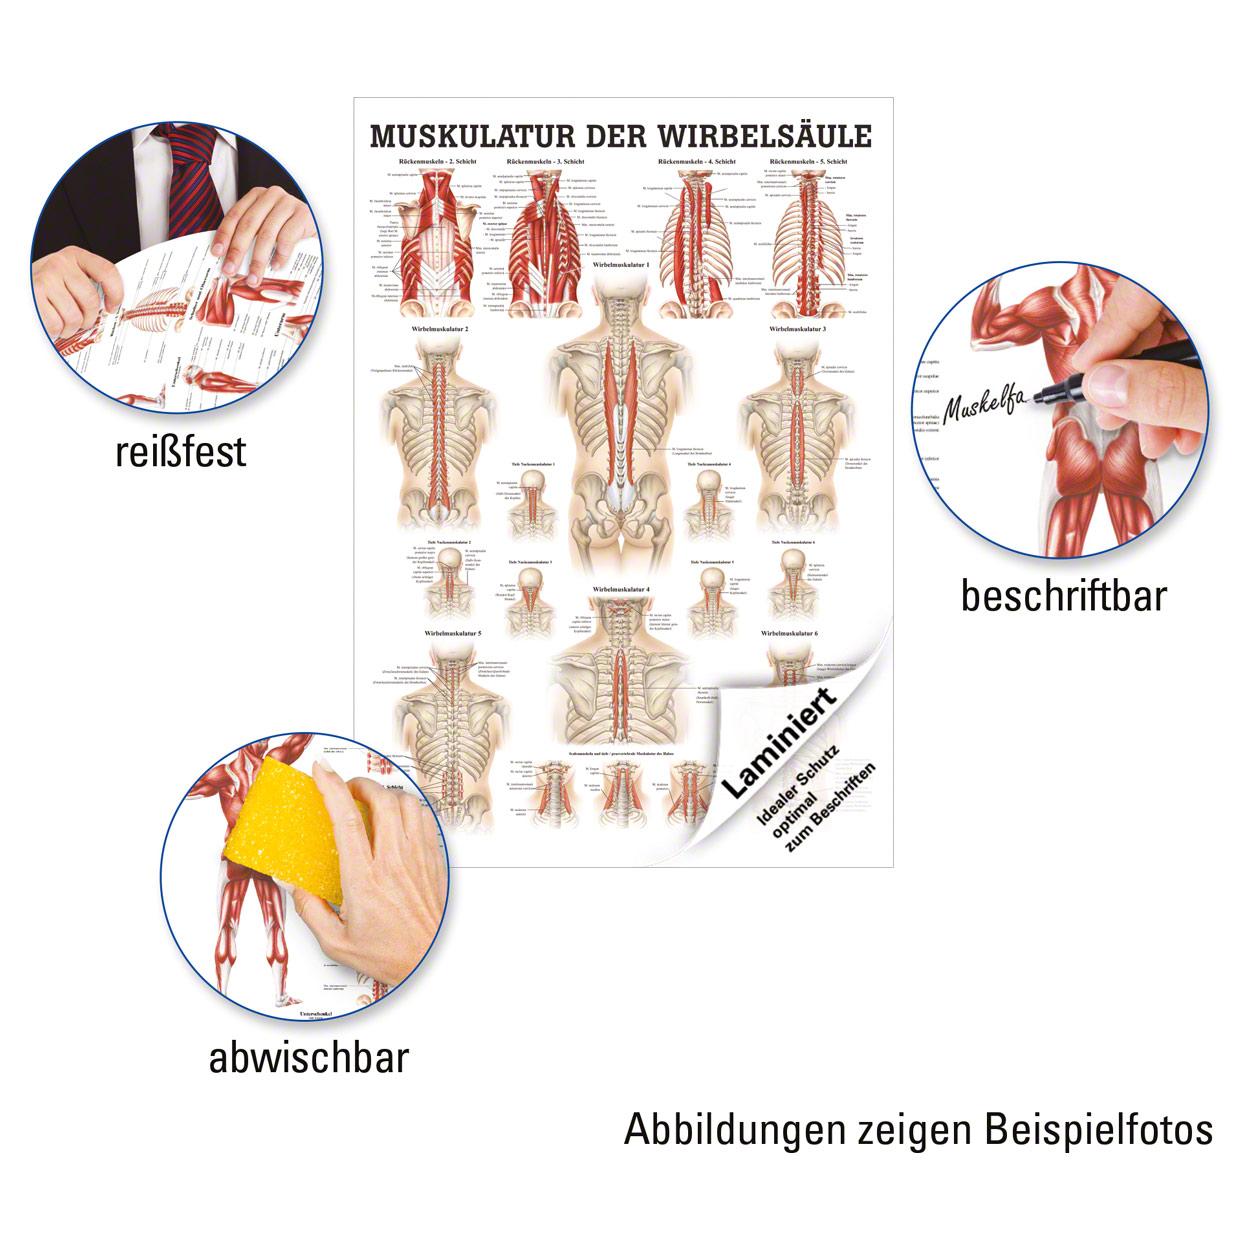 Atemberaubend Muskeln Im Oberarm Fotos - Menschliche Anatomie Bilder ...